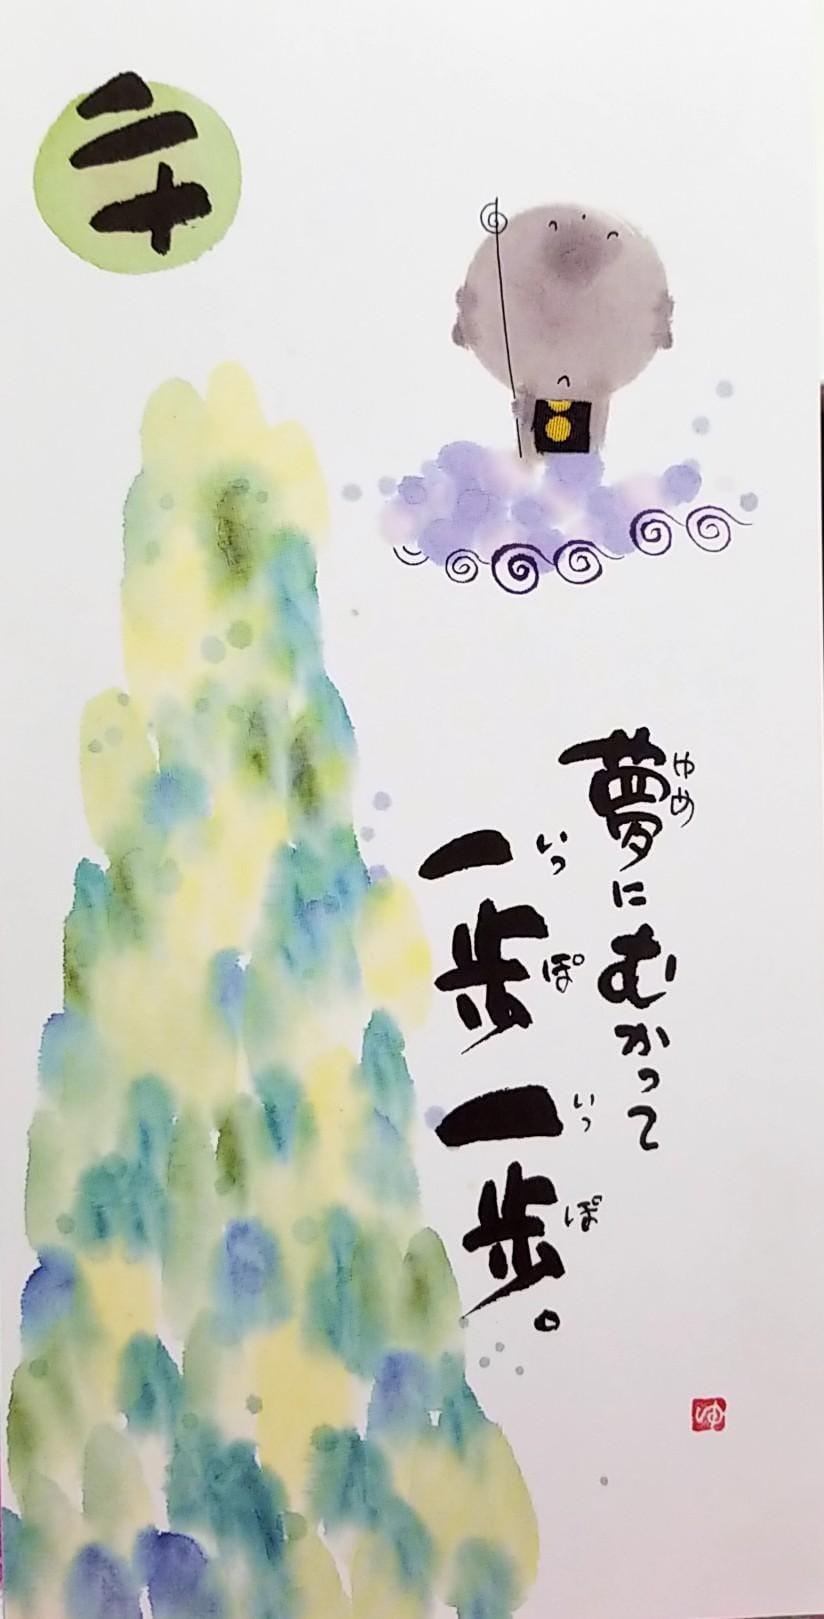 智里(ちさと)「おはようございます!」06/20(水) 05:36 | 智里(ちさと)の写メ・風俗動画